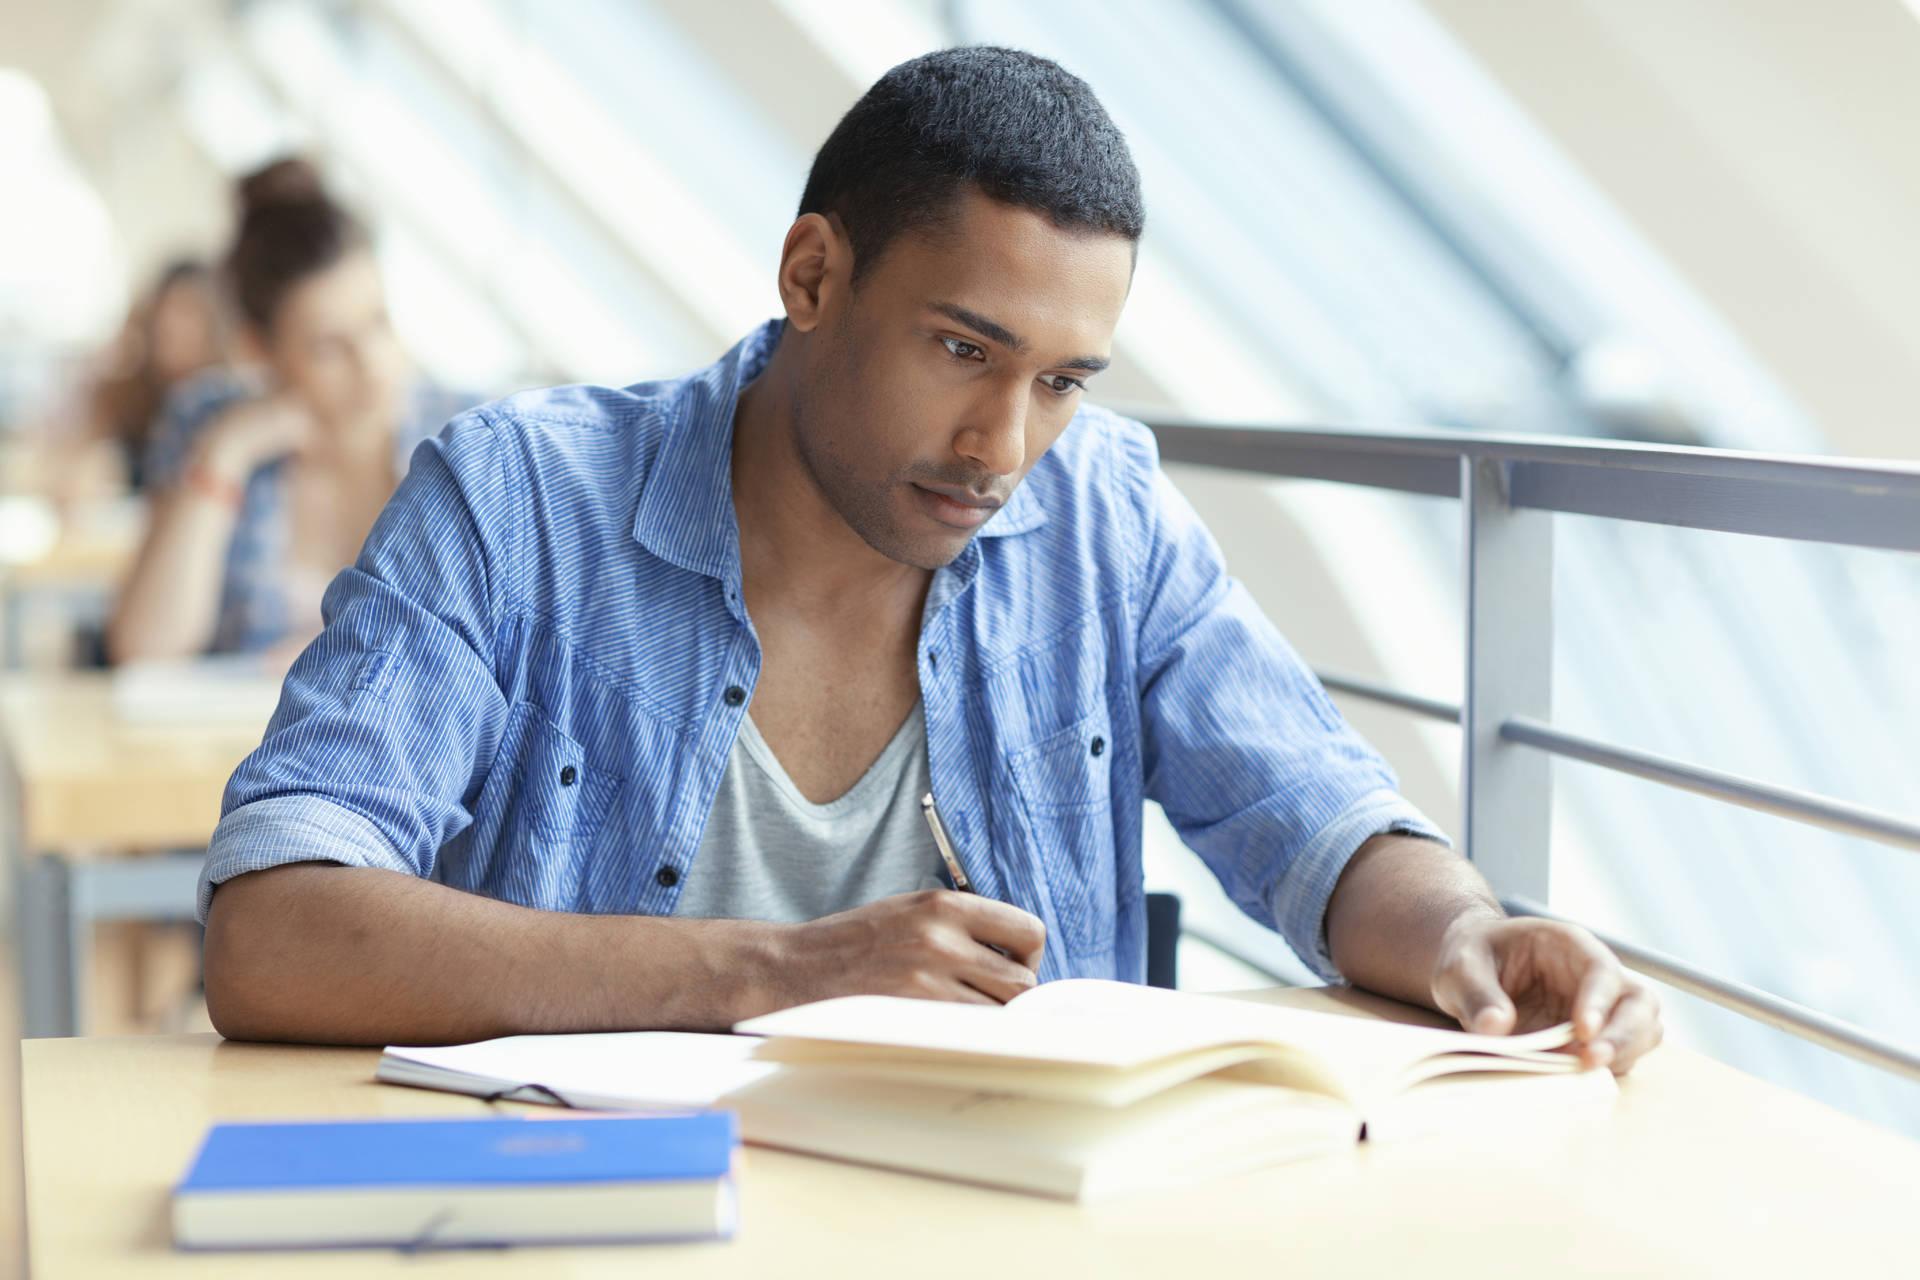 HP HPE0-V14 Exam - Tips For The Final HPE0-V14 Exam